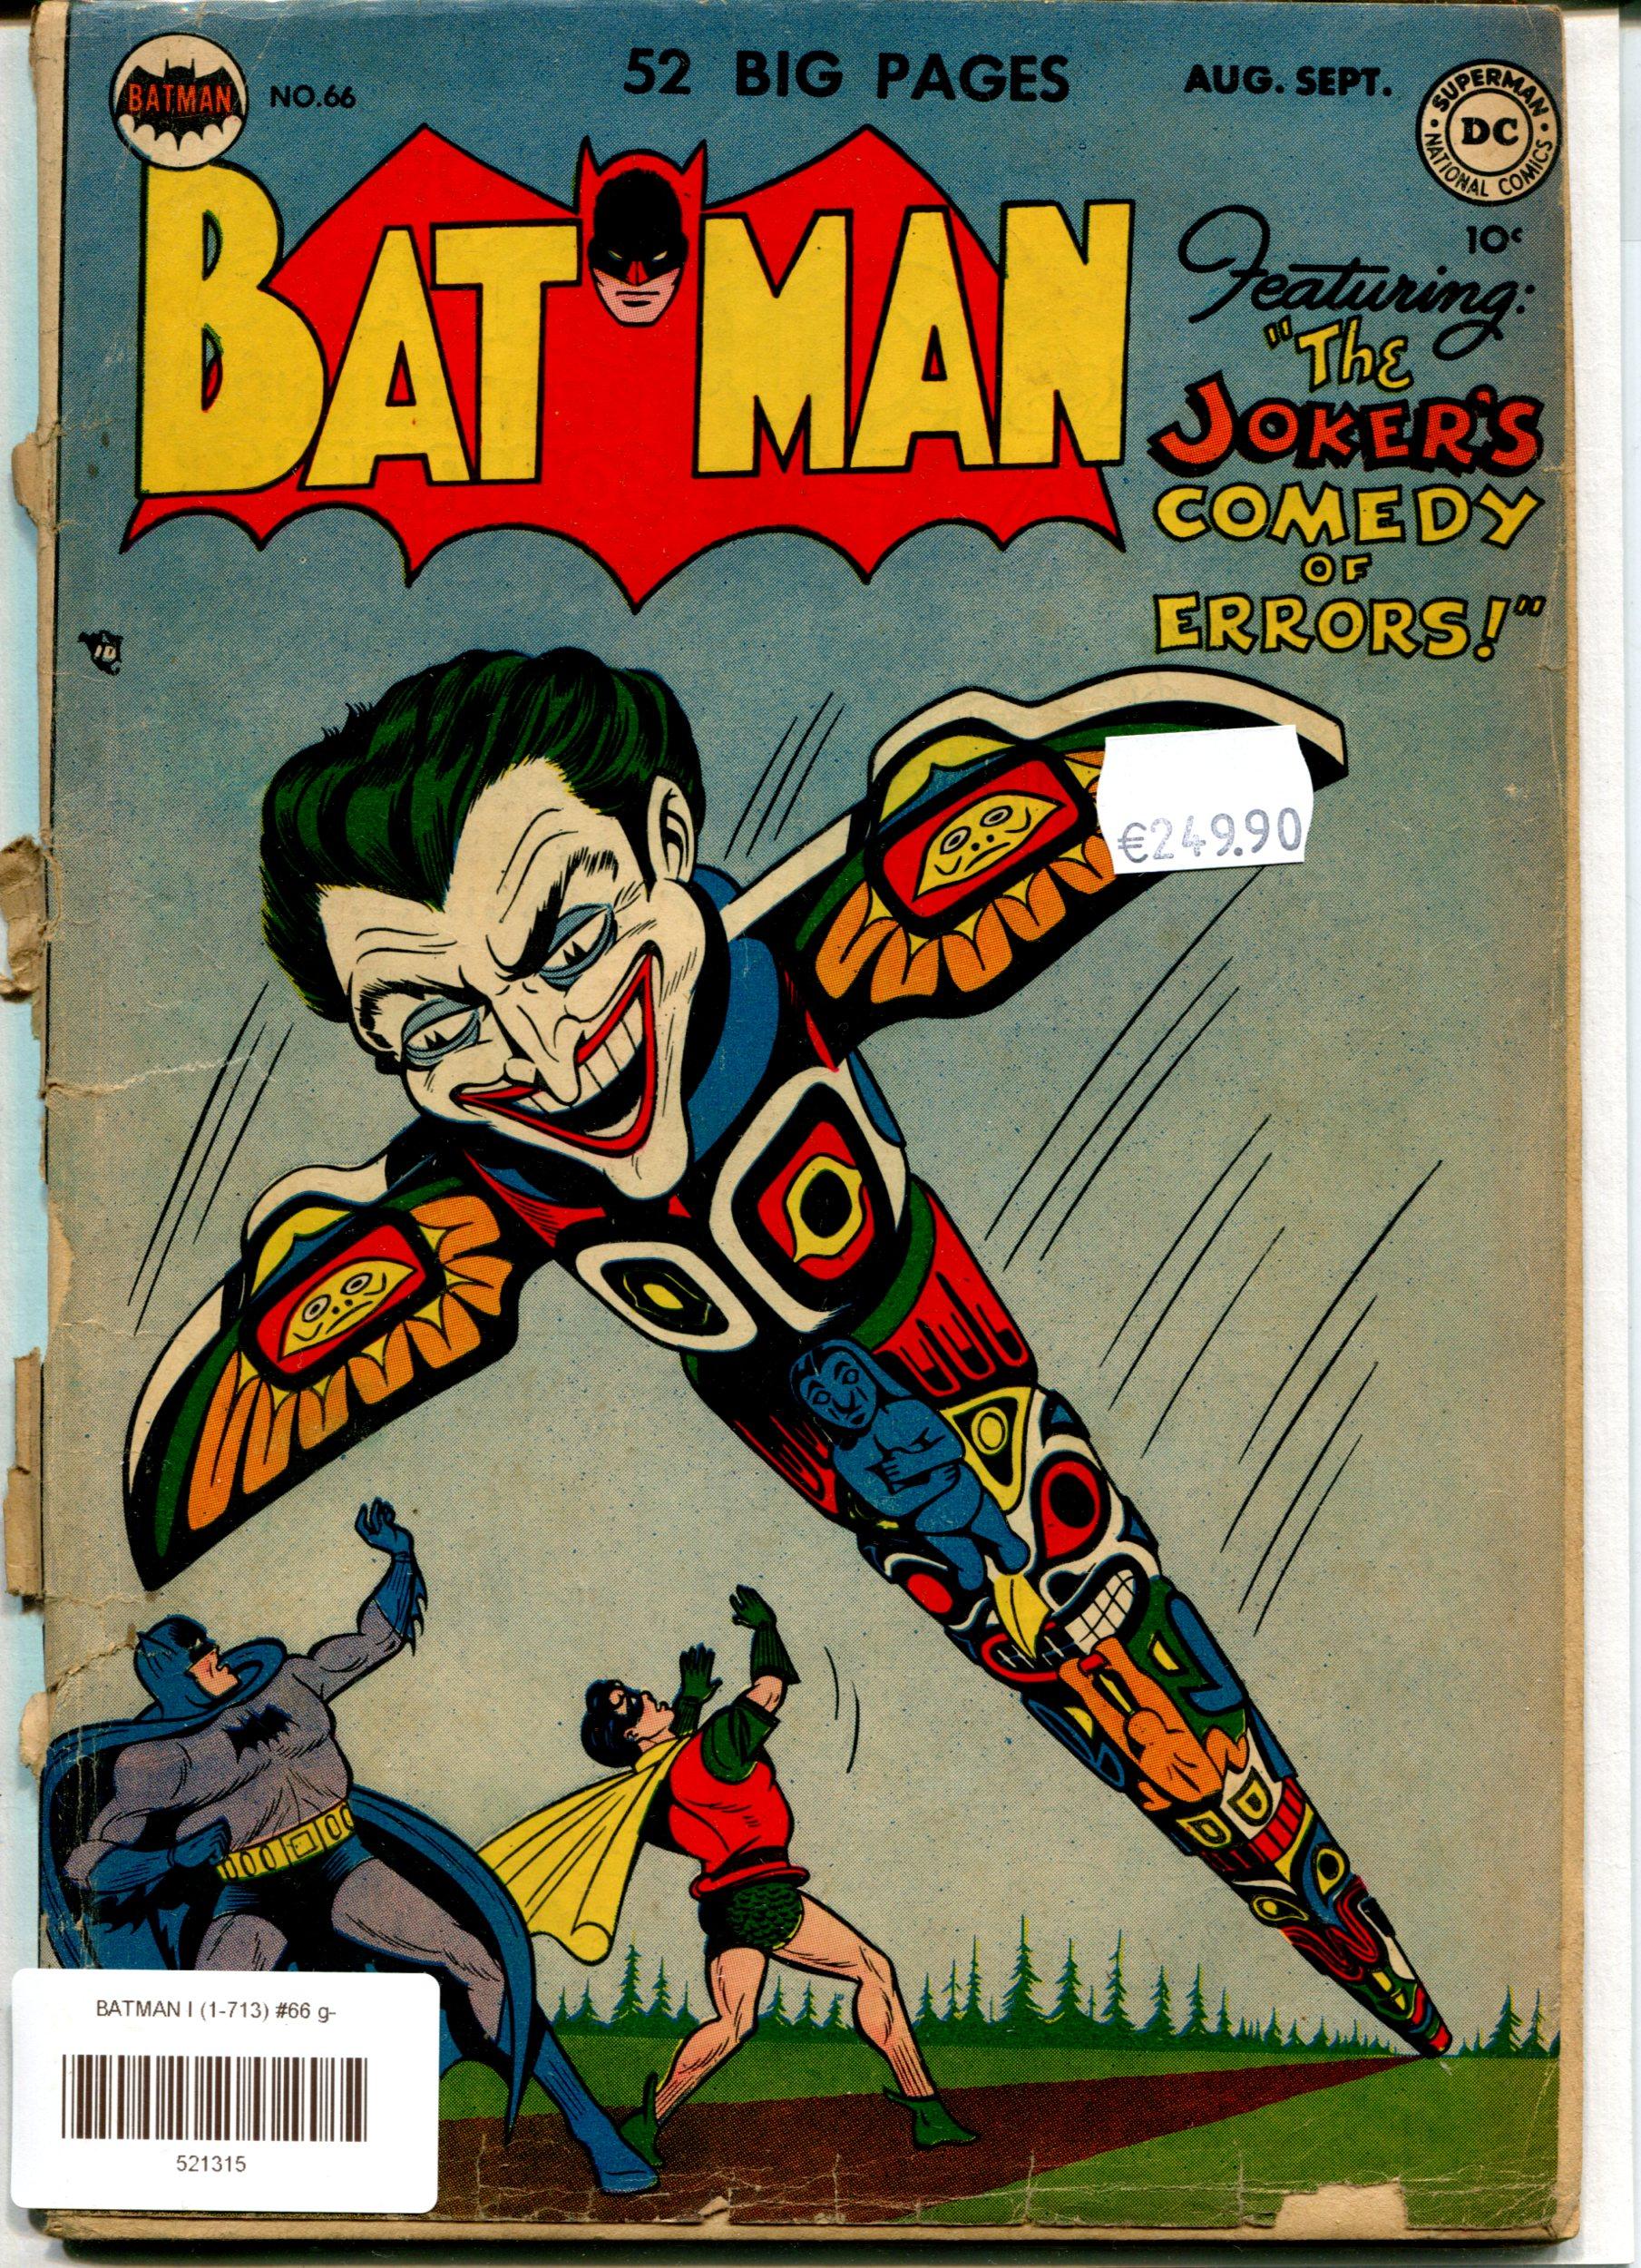 BATMAN I (1-713)